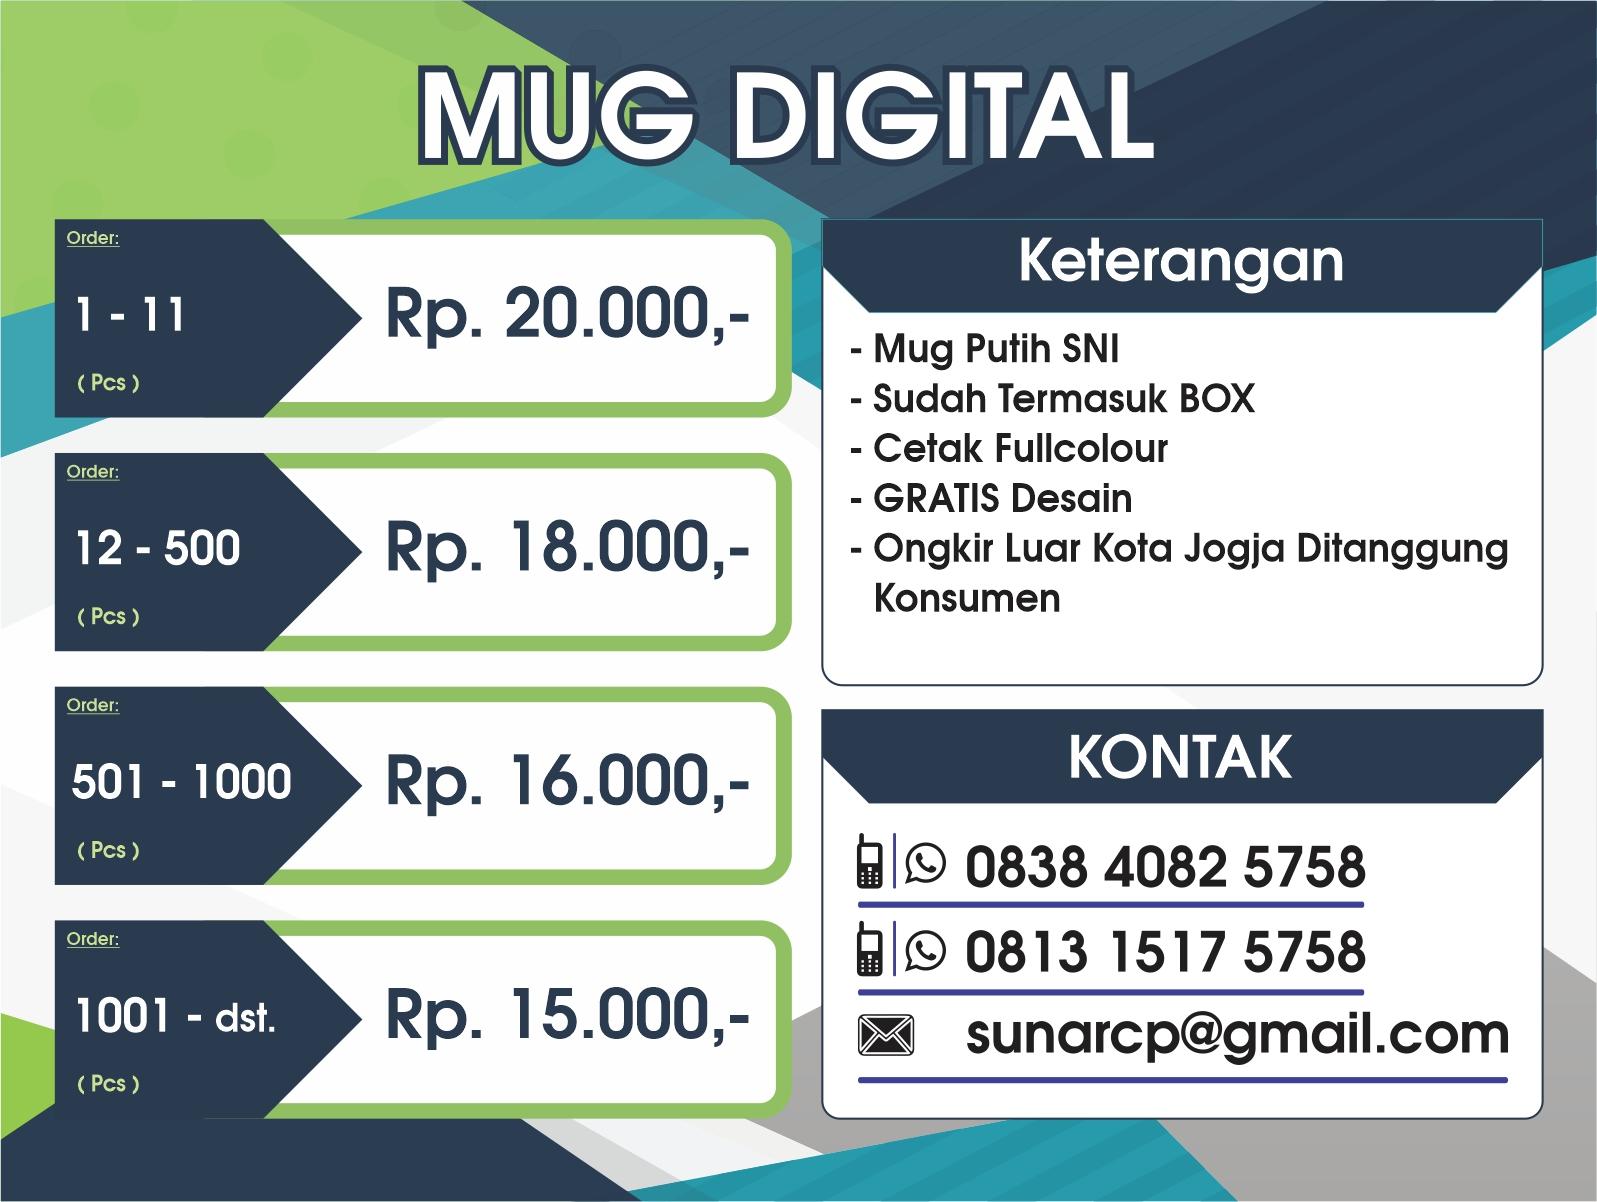 mug digital, mug printing, mug murah